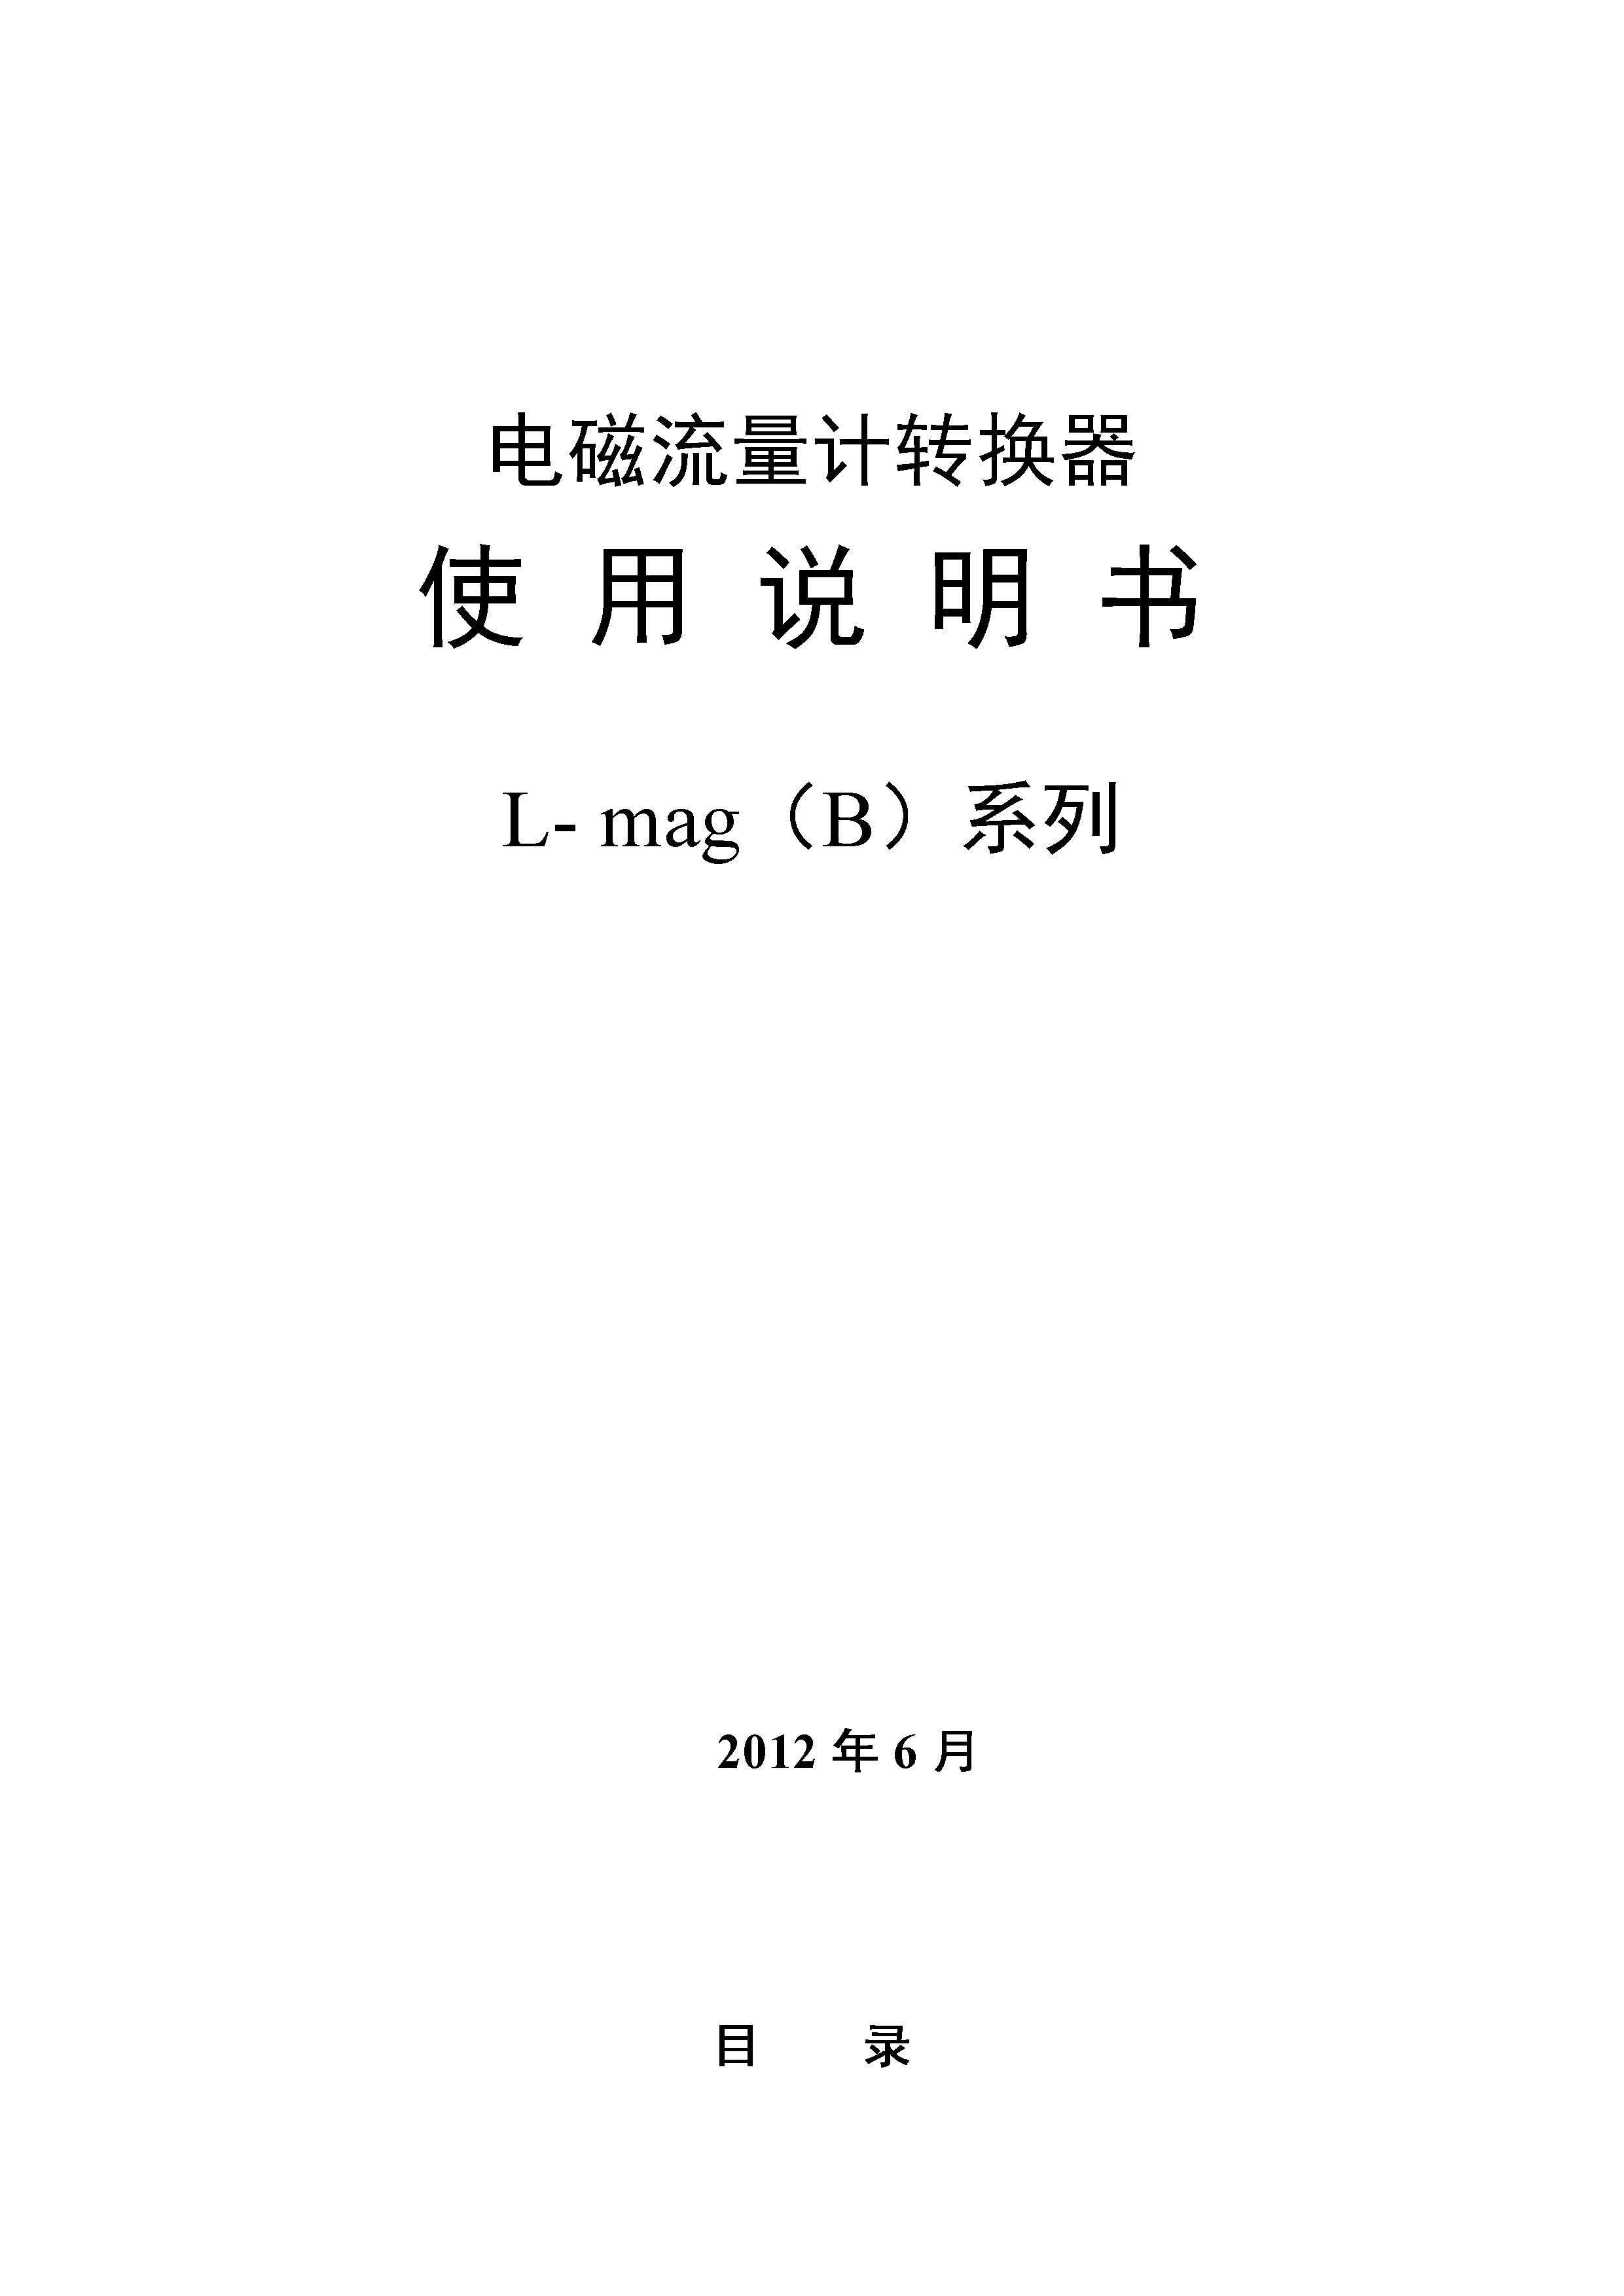 电磁流量转换器(L-mag)B系列(中文)说明书